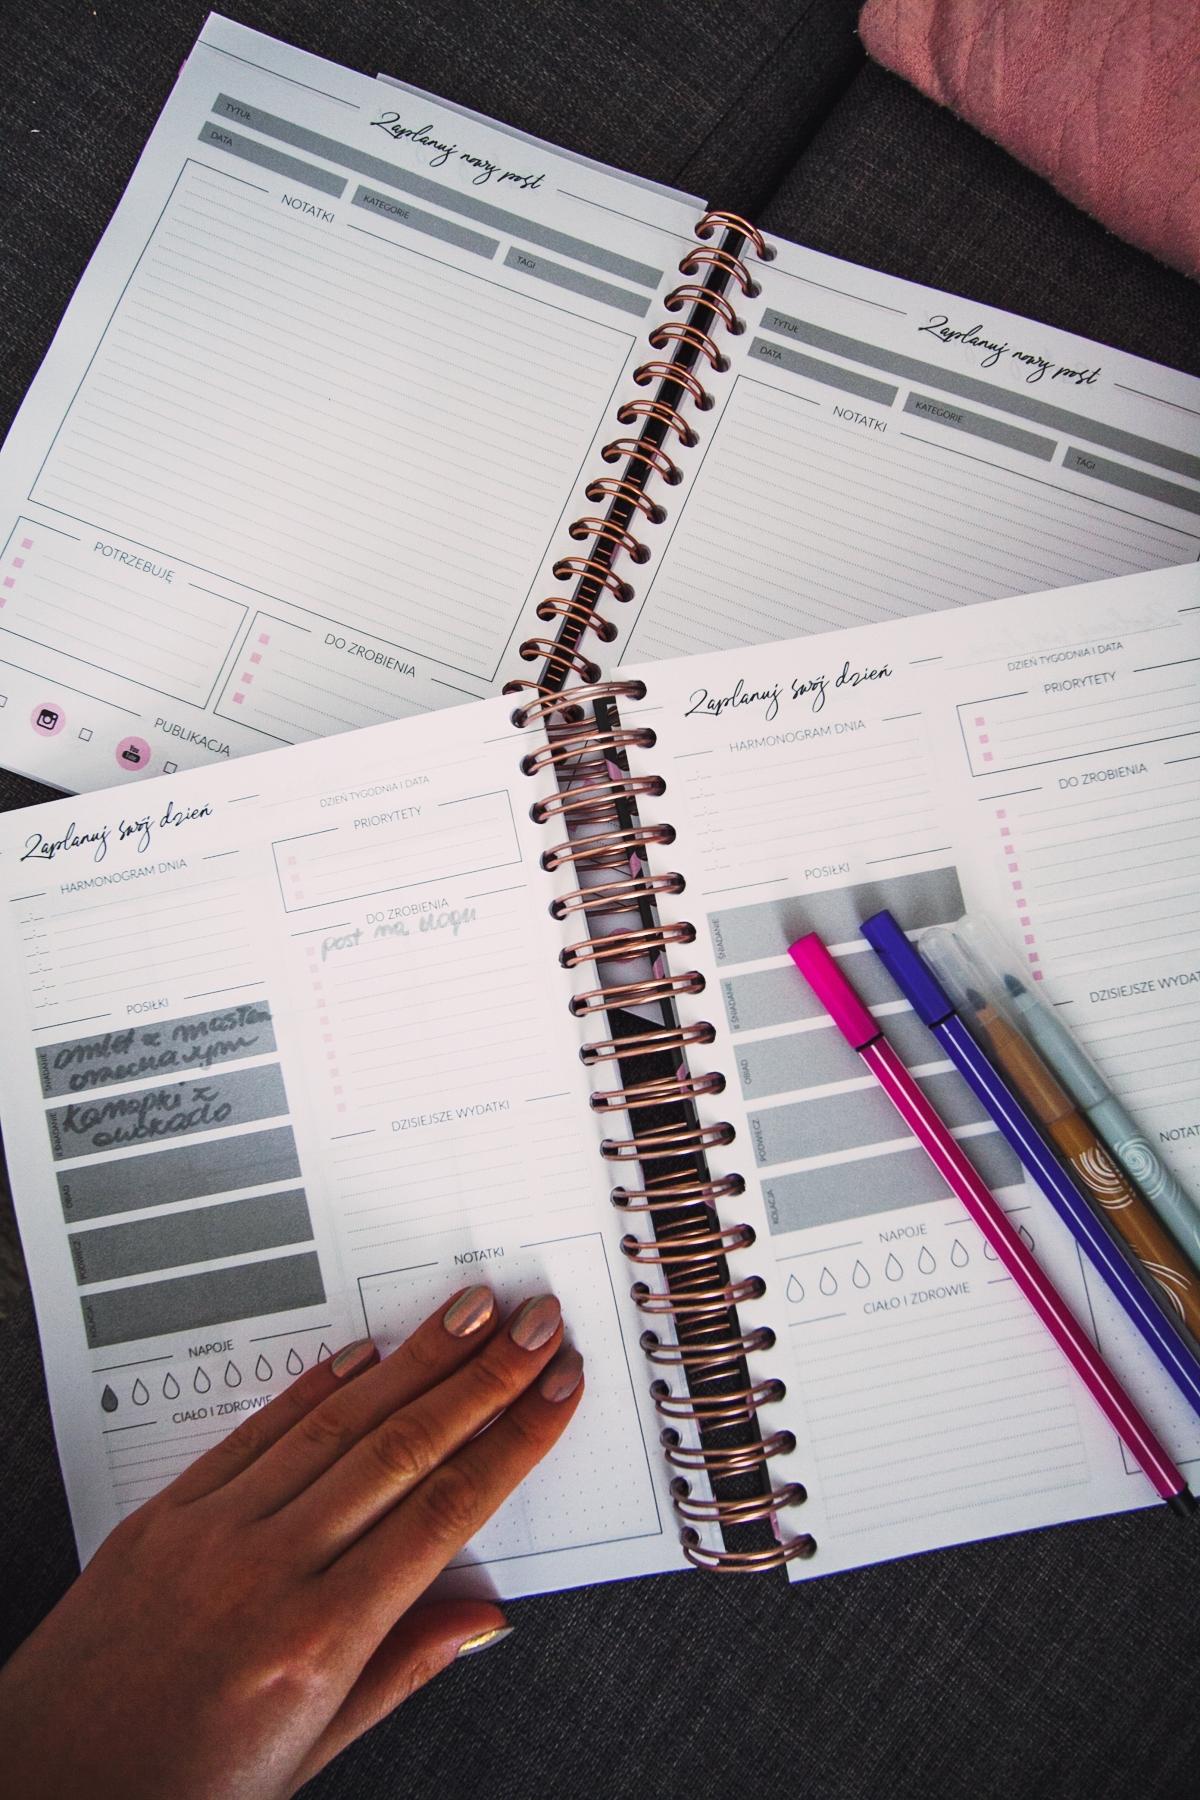 kalendarz biznesowy na co dzień